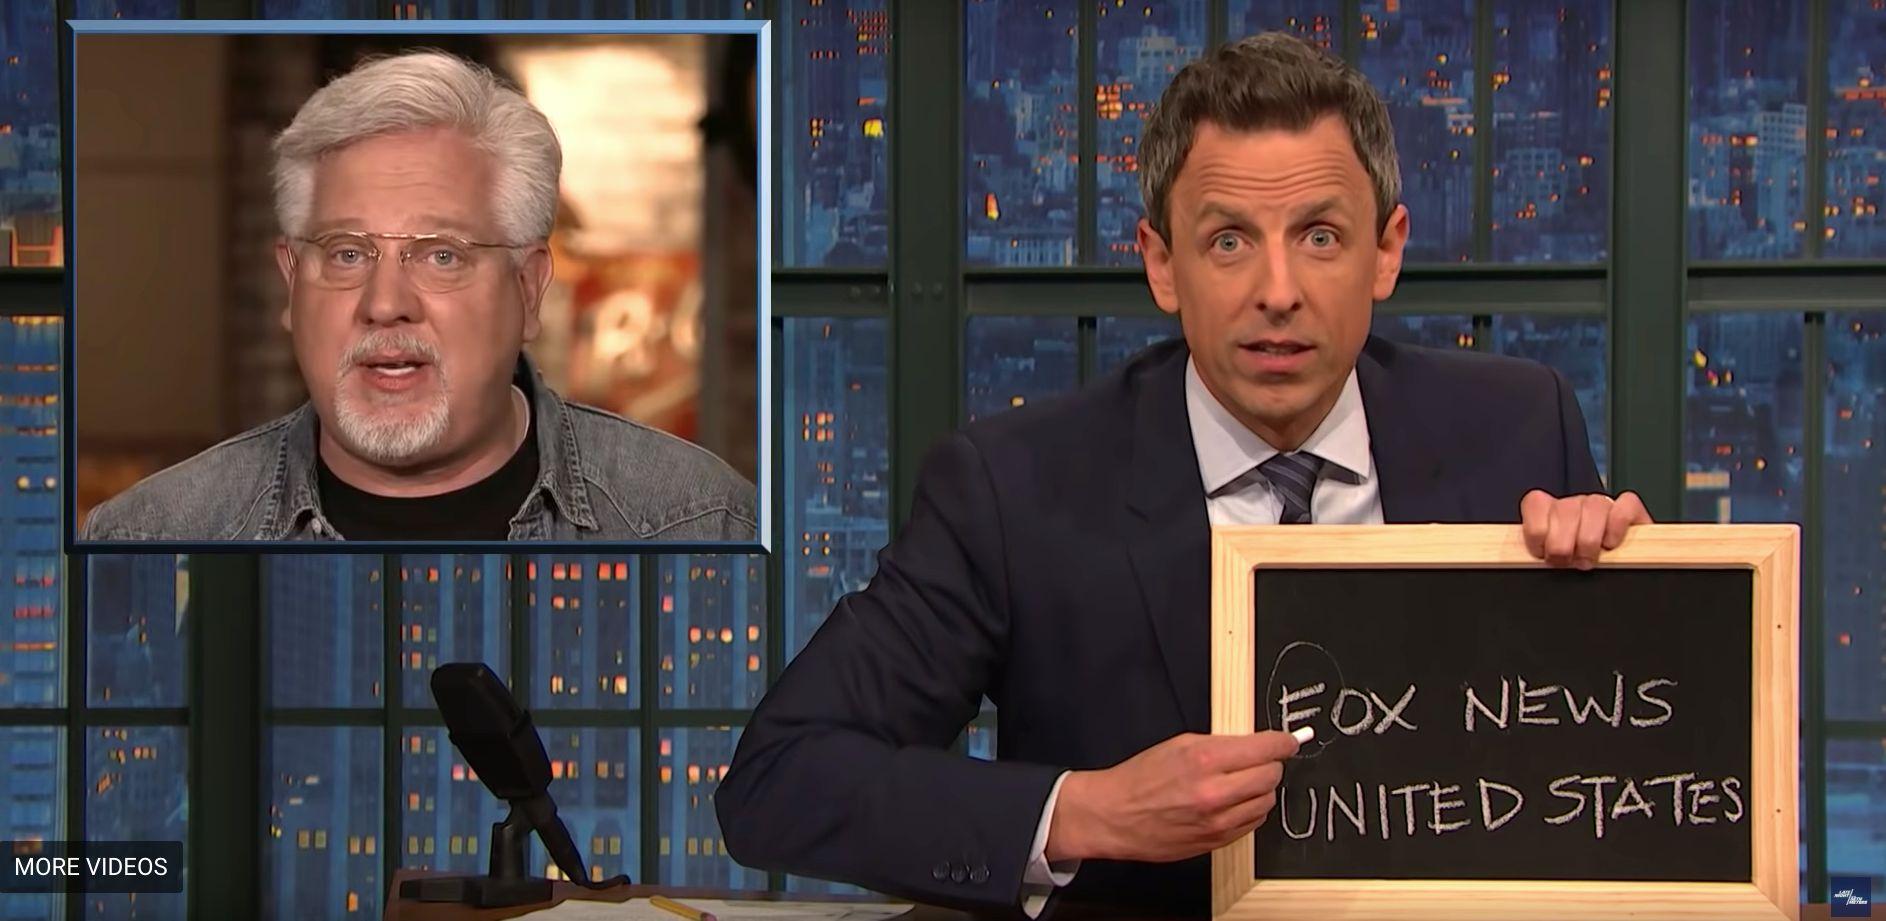 Seth Meyers Trolls Glenn Beck With A Not-So-Subtle Chalkboard